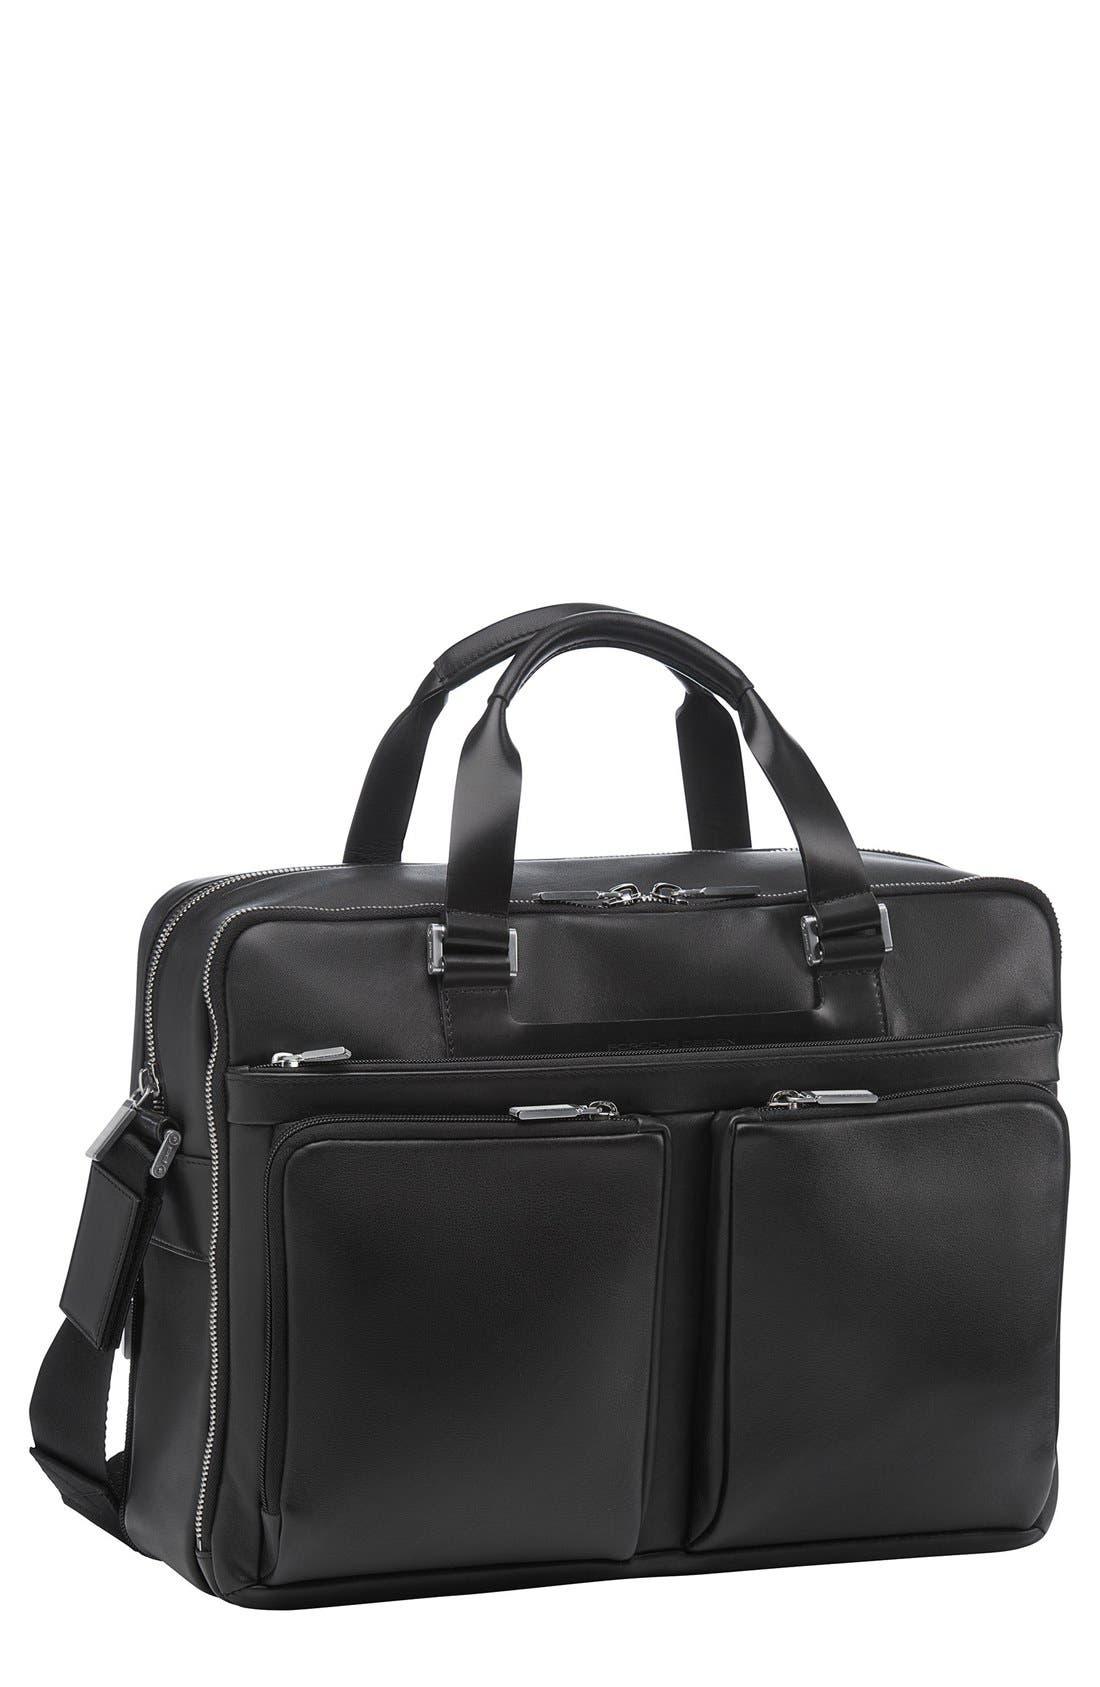 Porsche Design Leather Briefcase Nordstrom